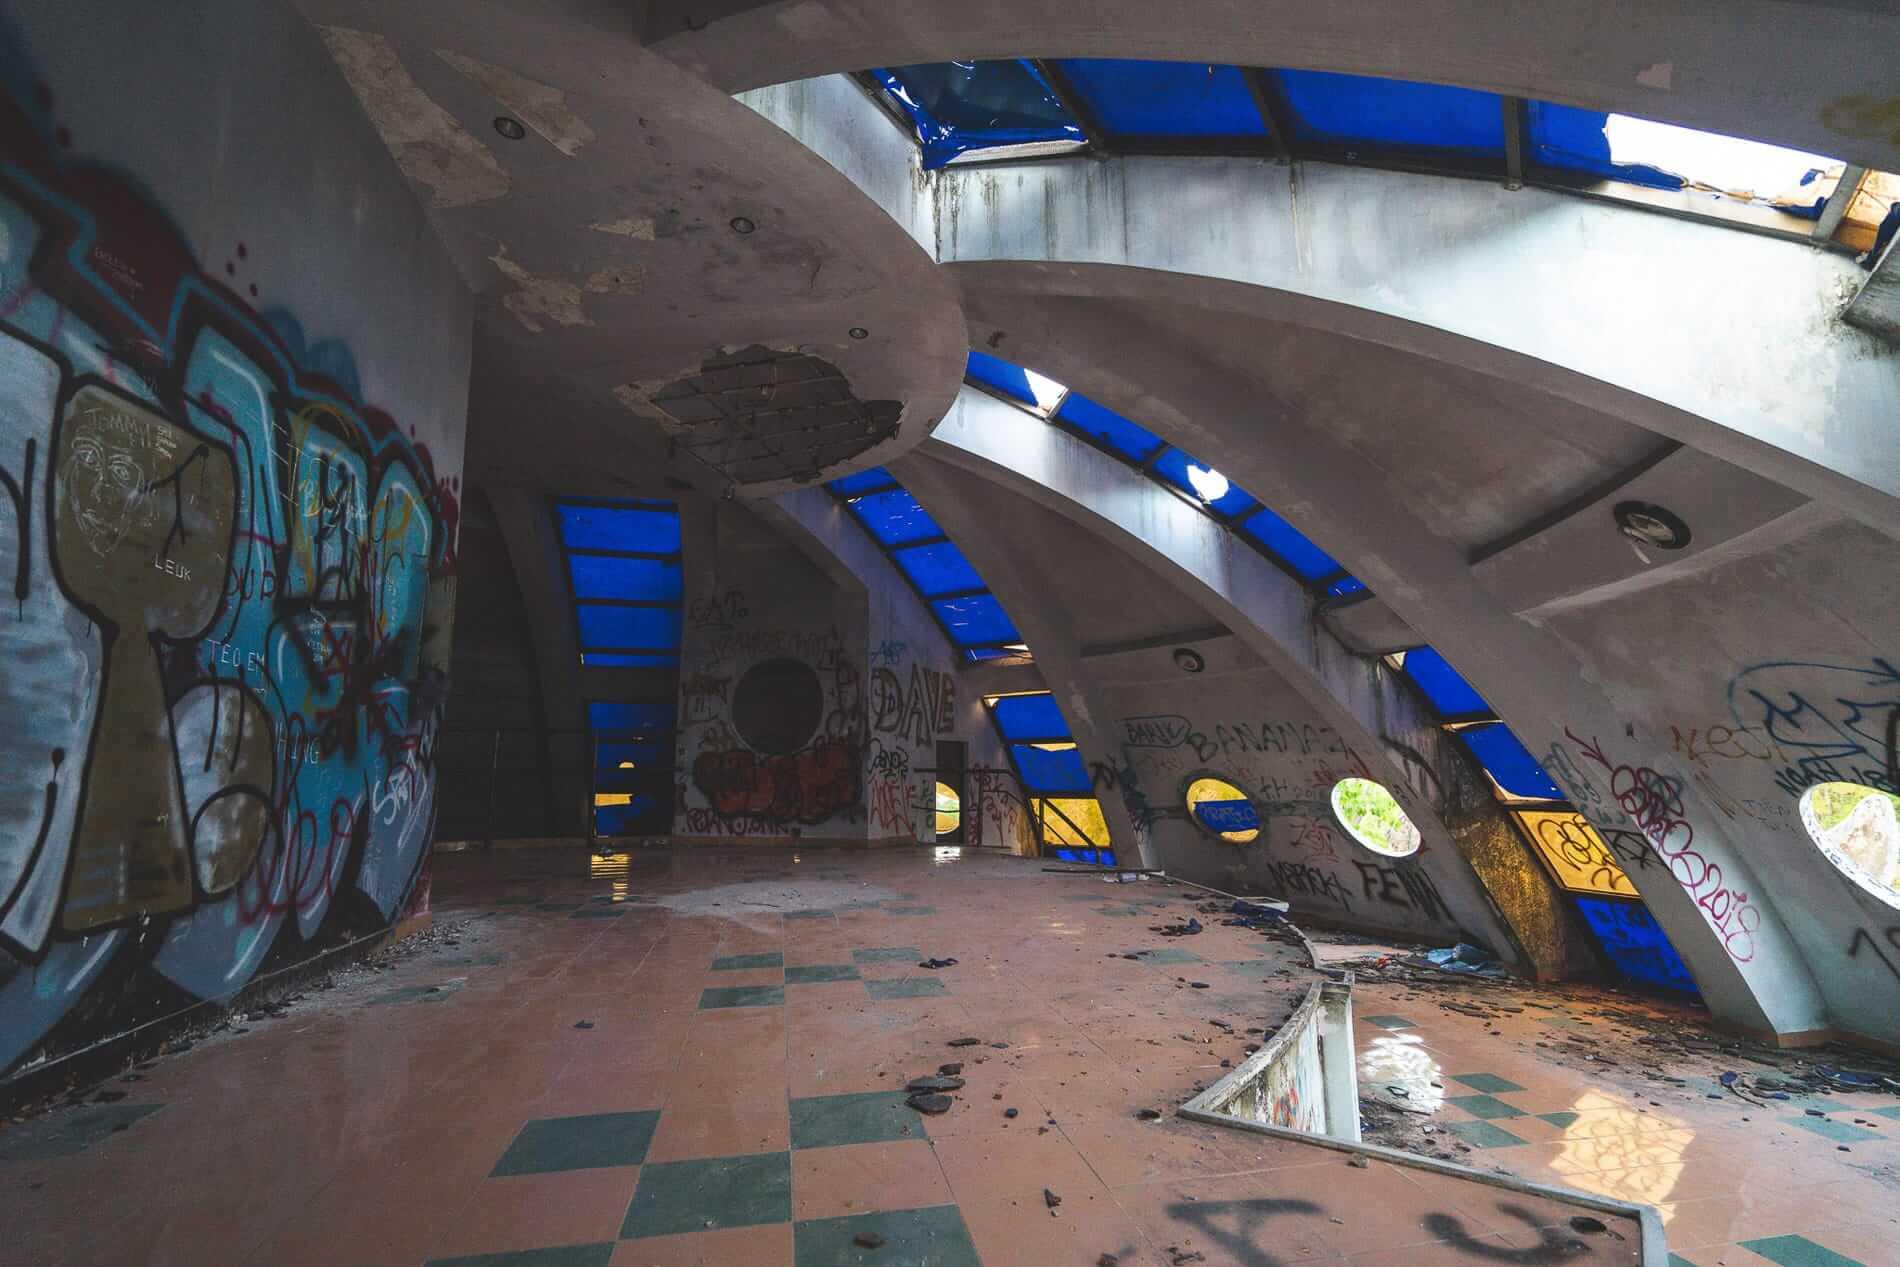 spaceship-Esque aquarium - Hue's abandoned water park